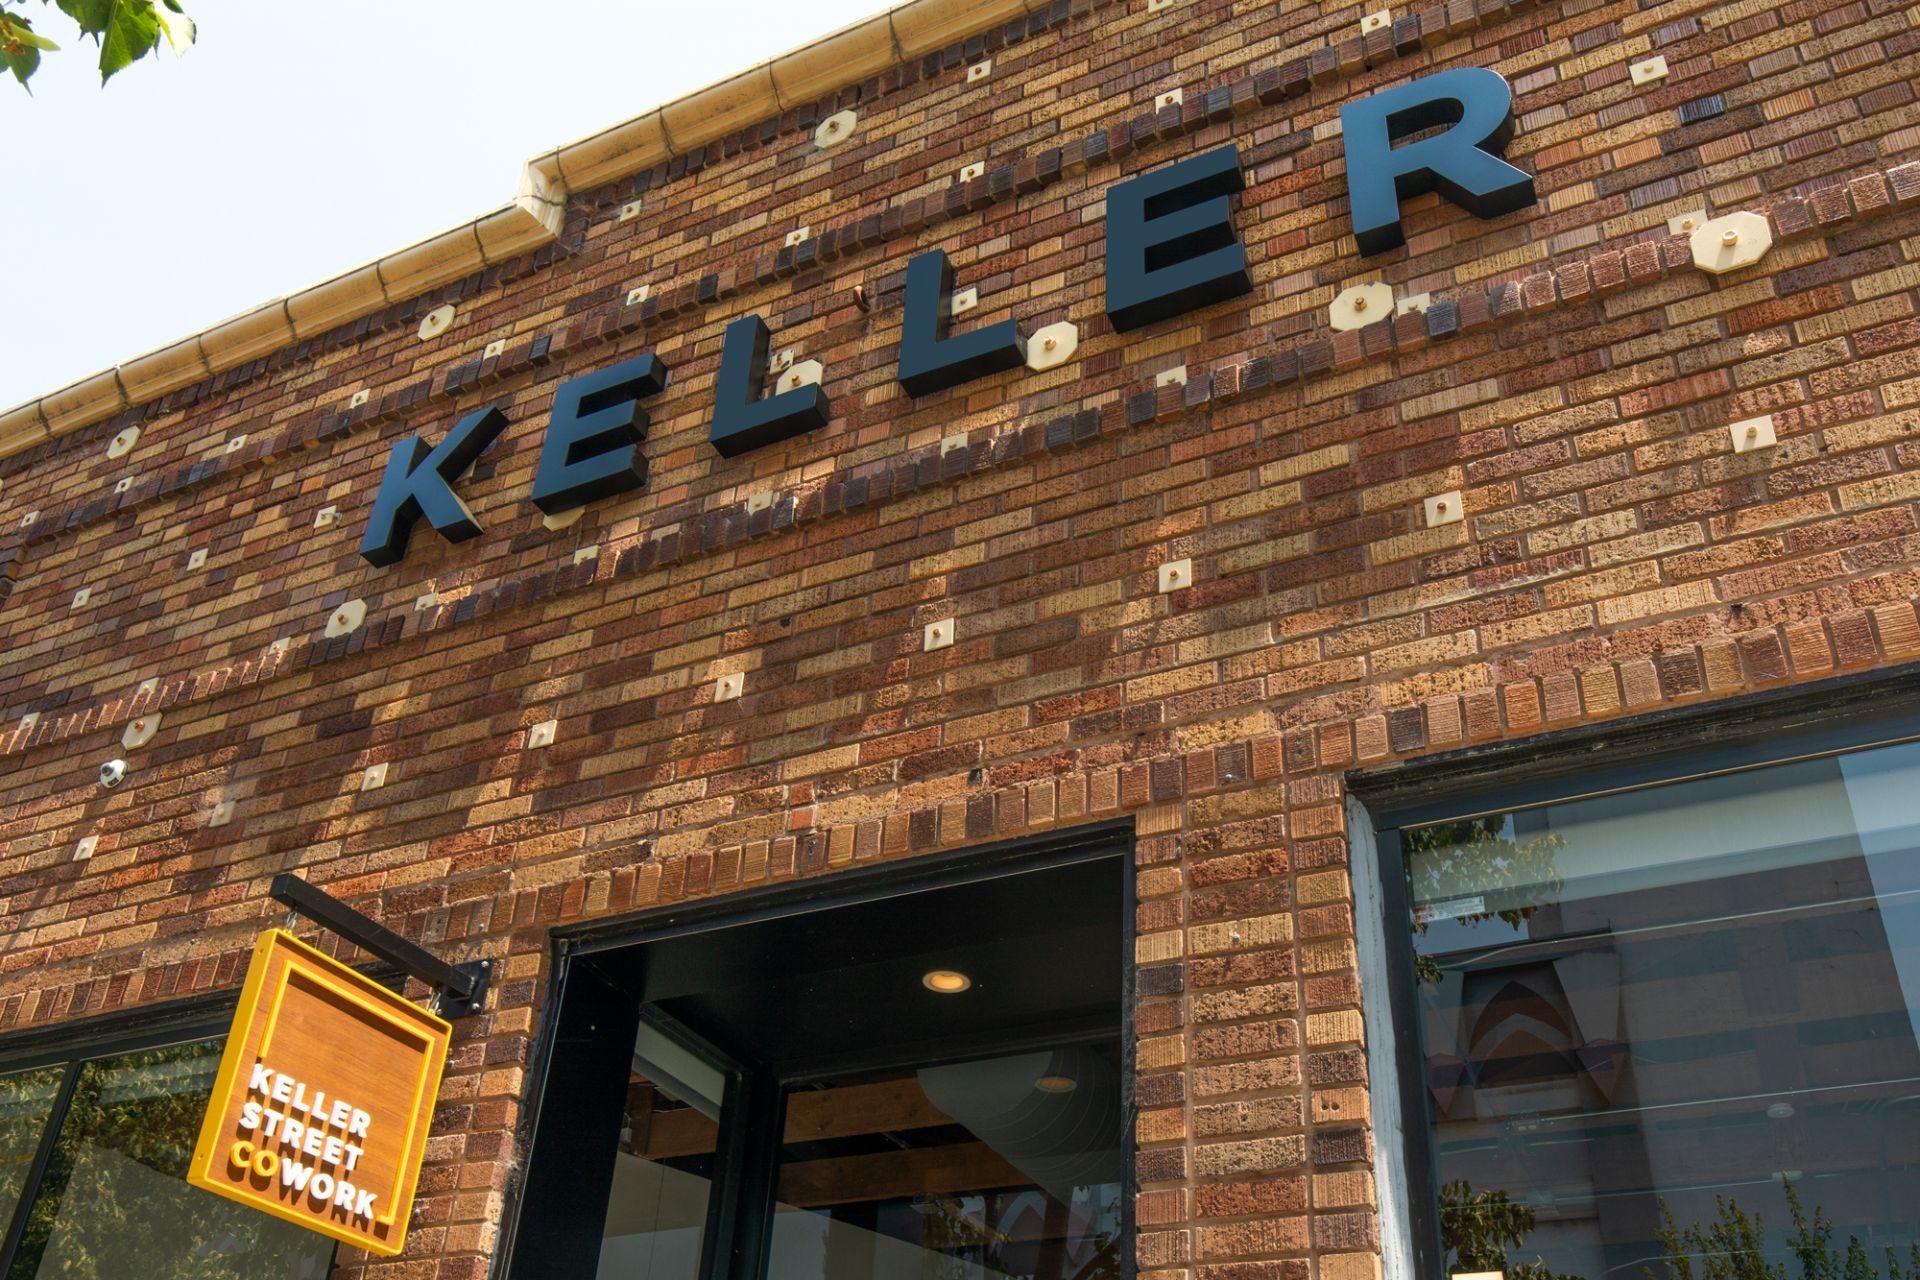 Keller Street CoWork, Petaluma